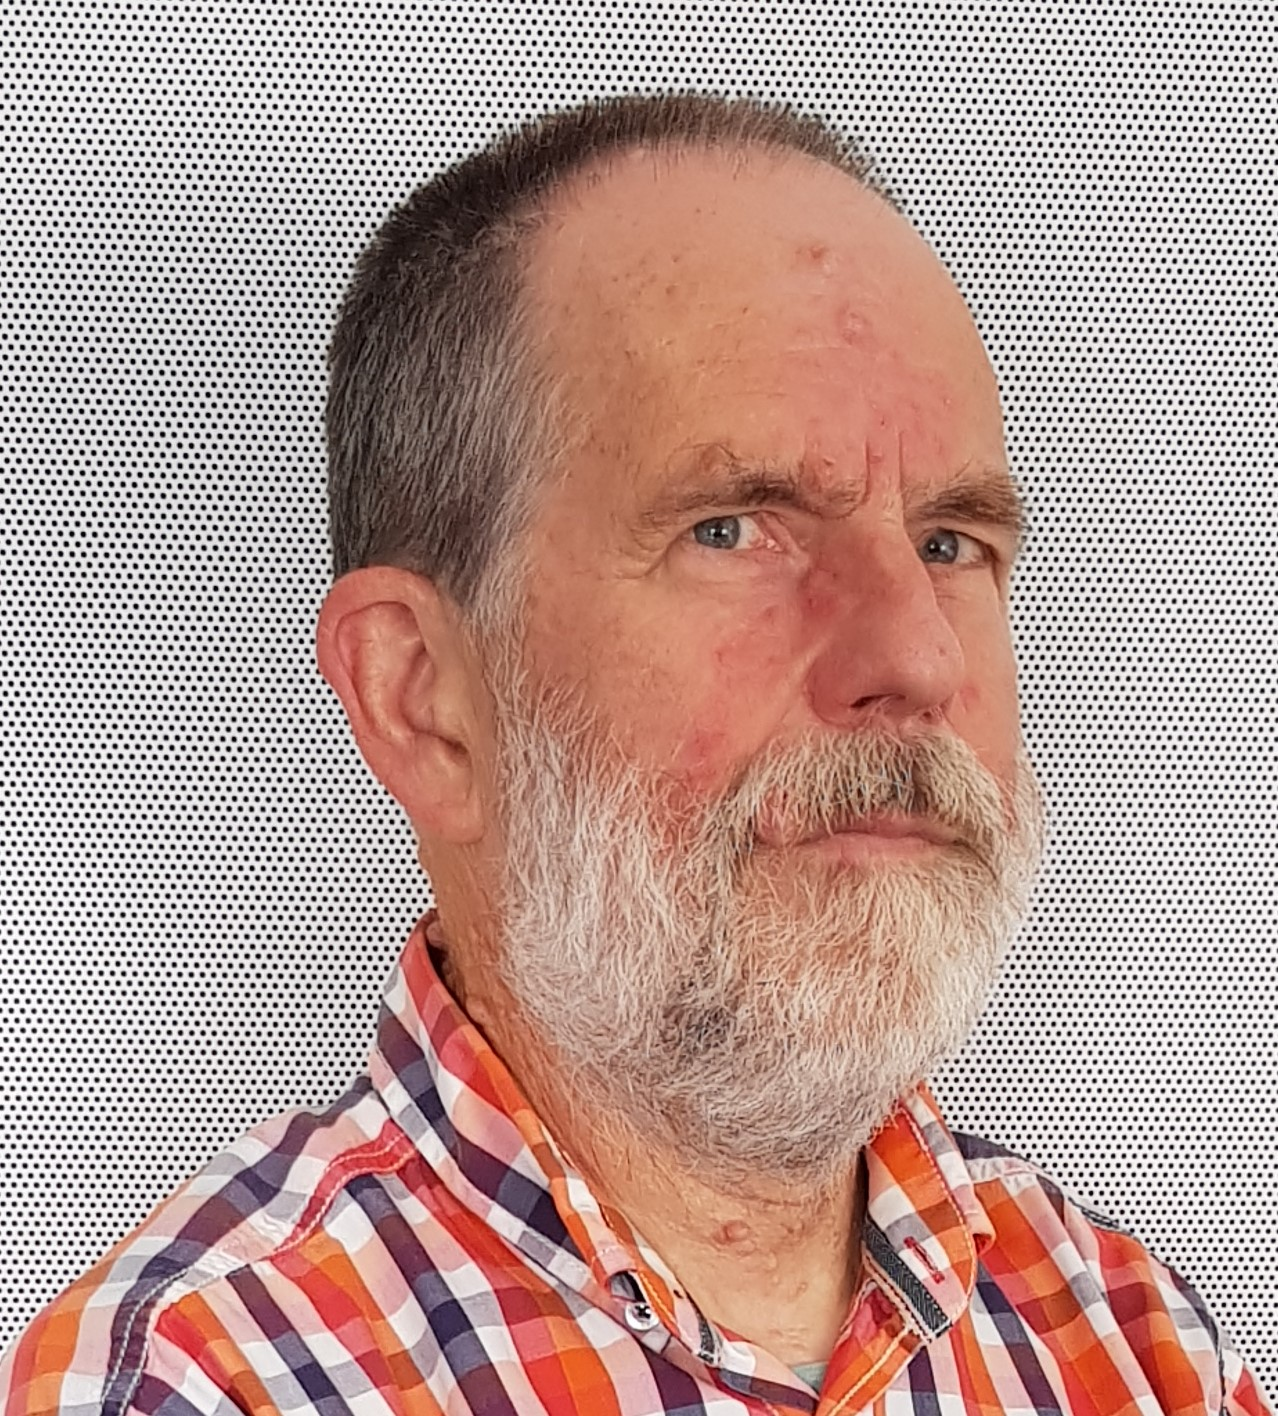 Stefan Kühner